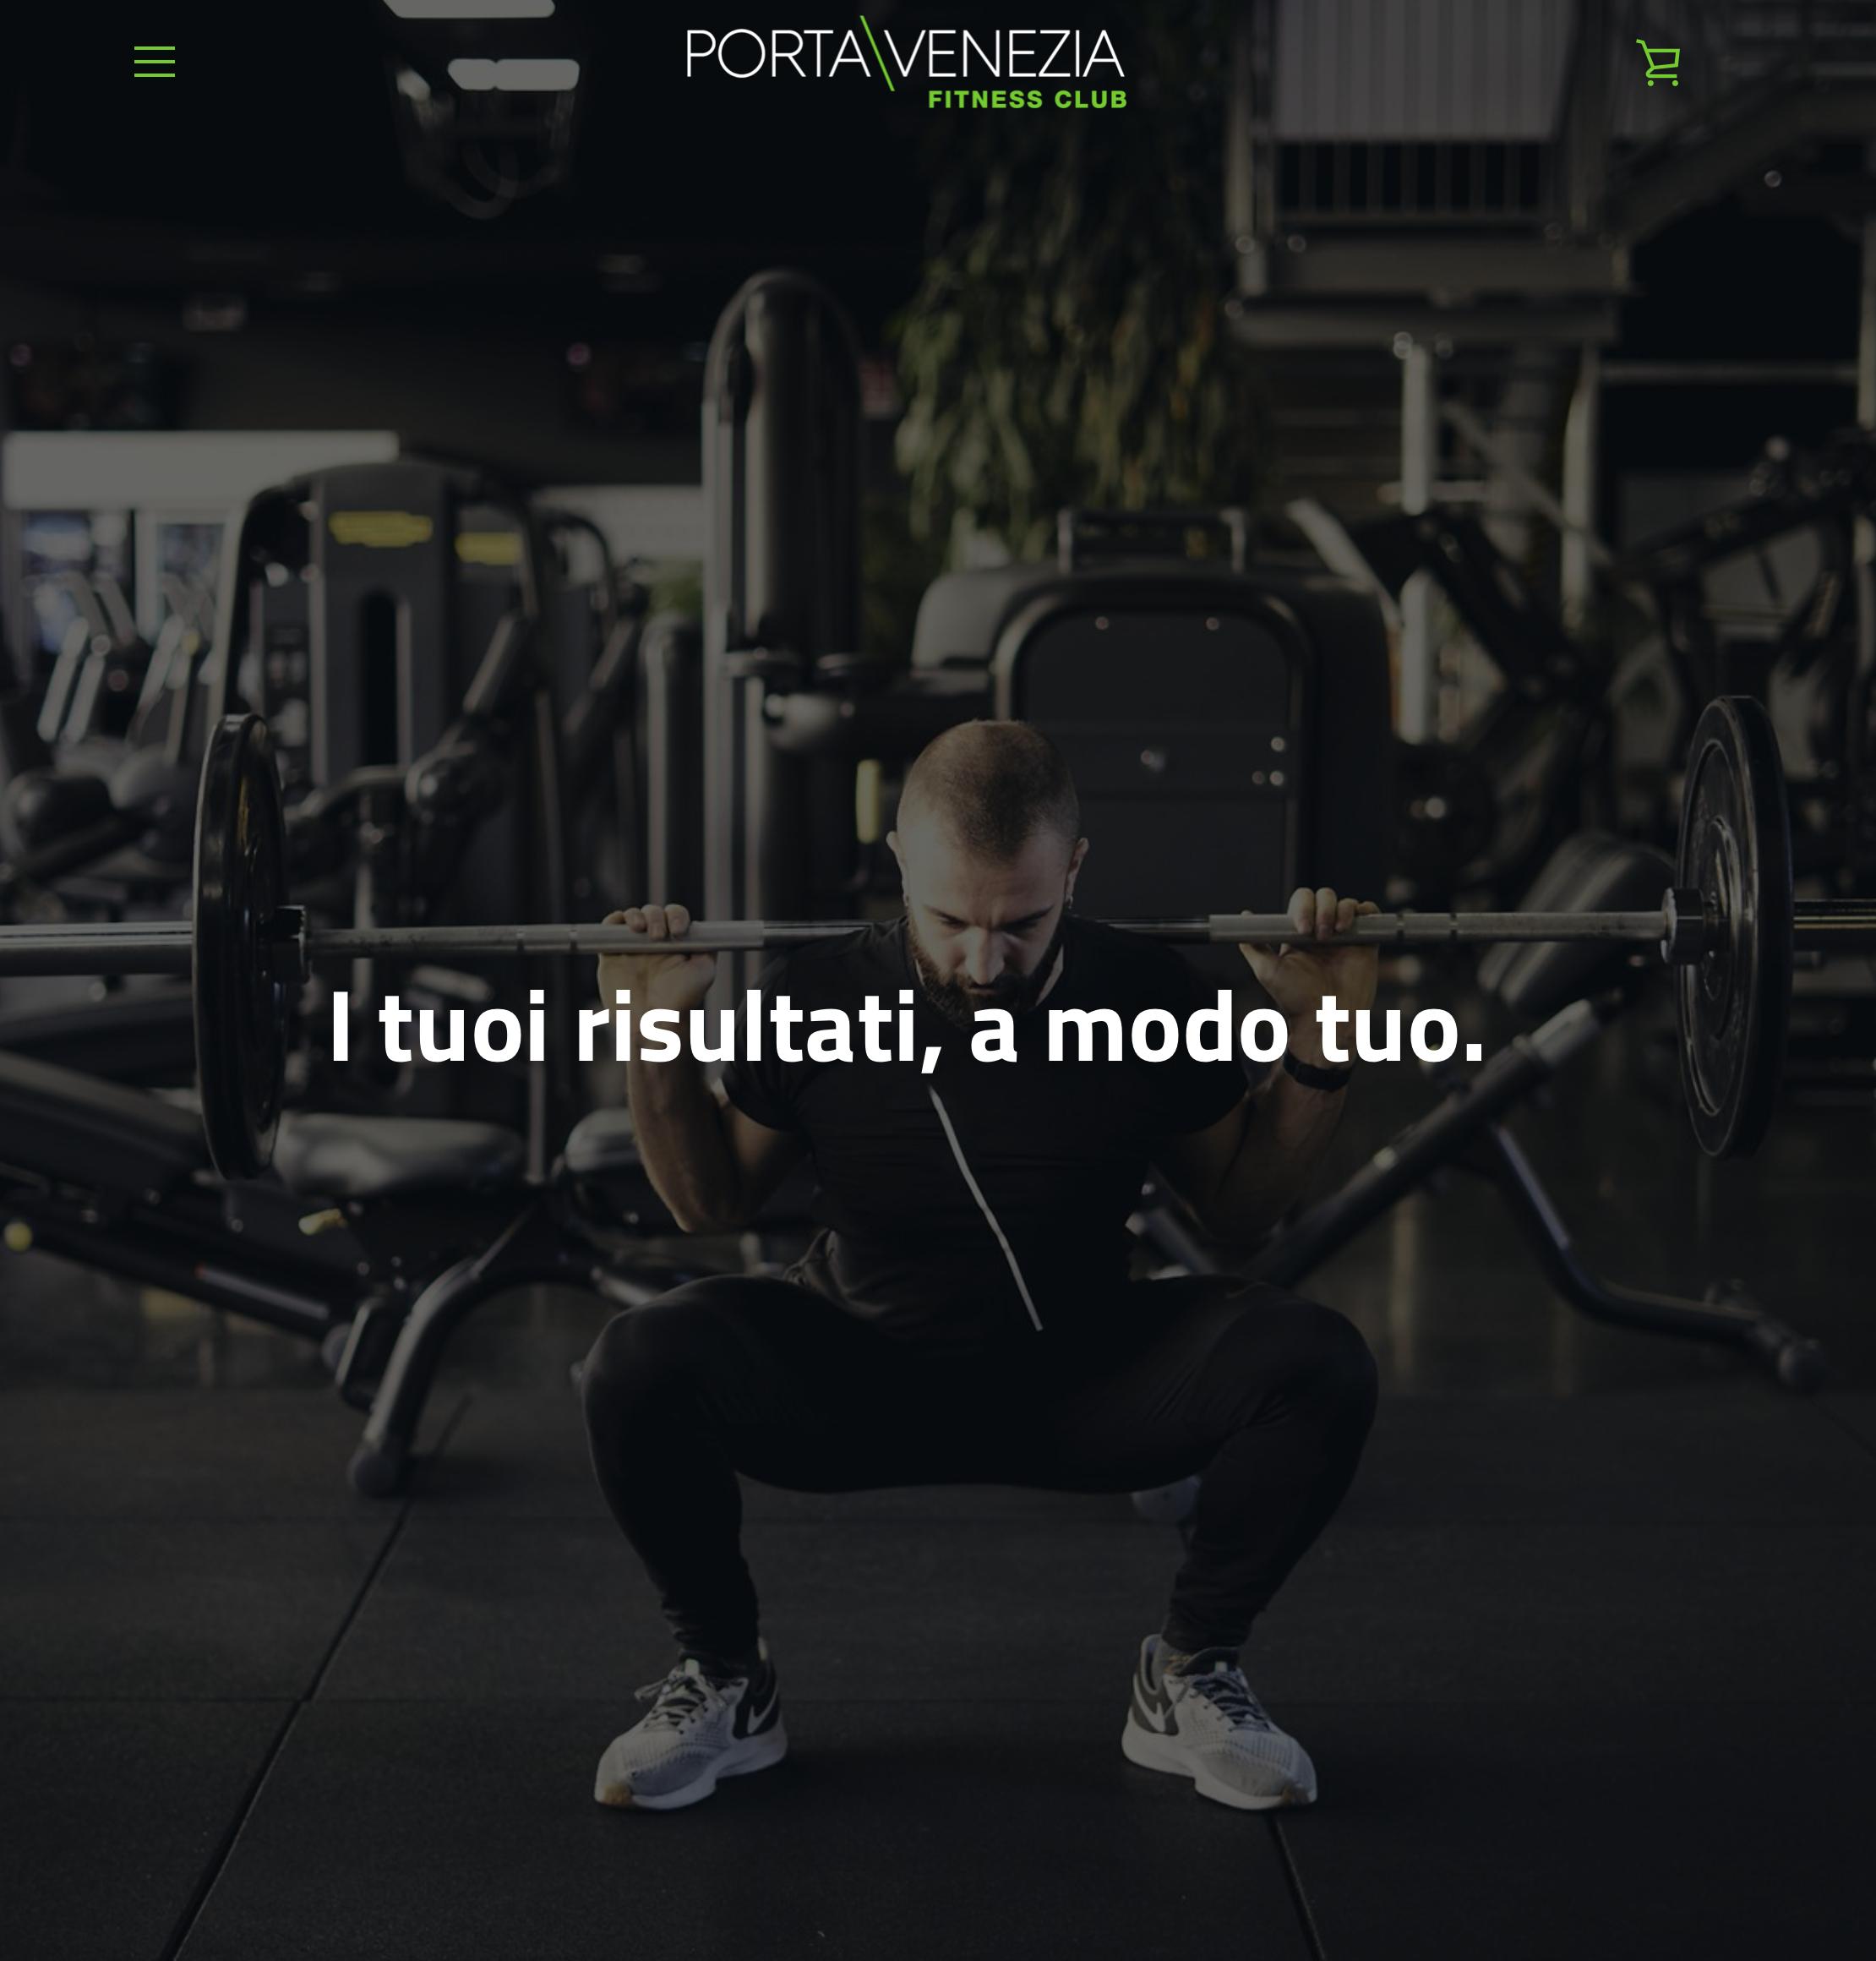 portaveneziafit.com